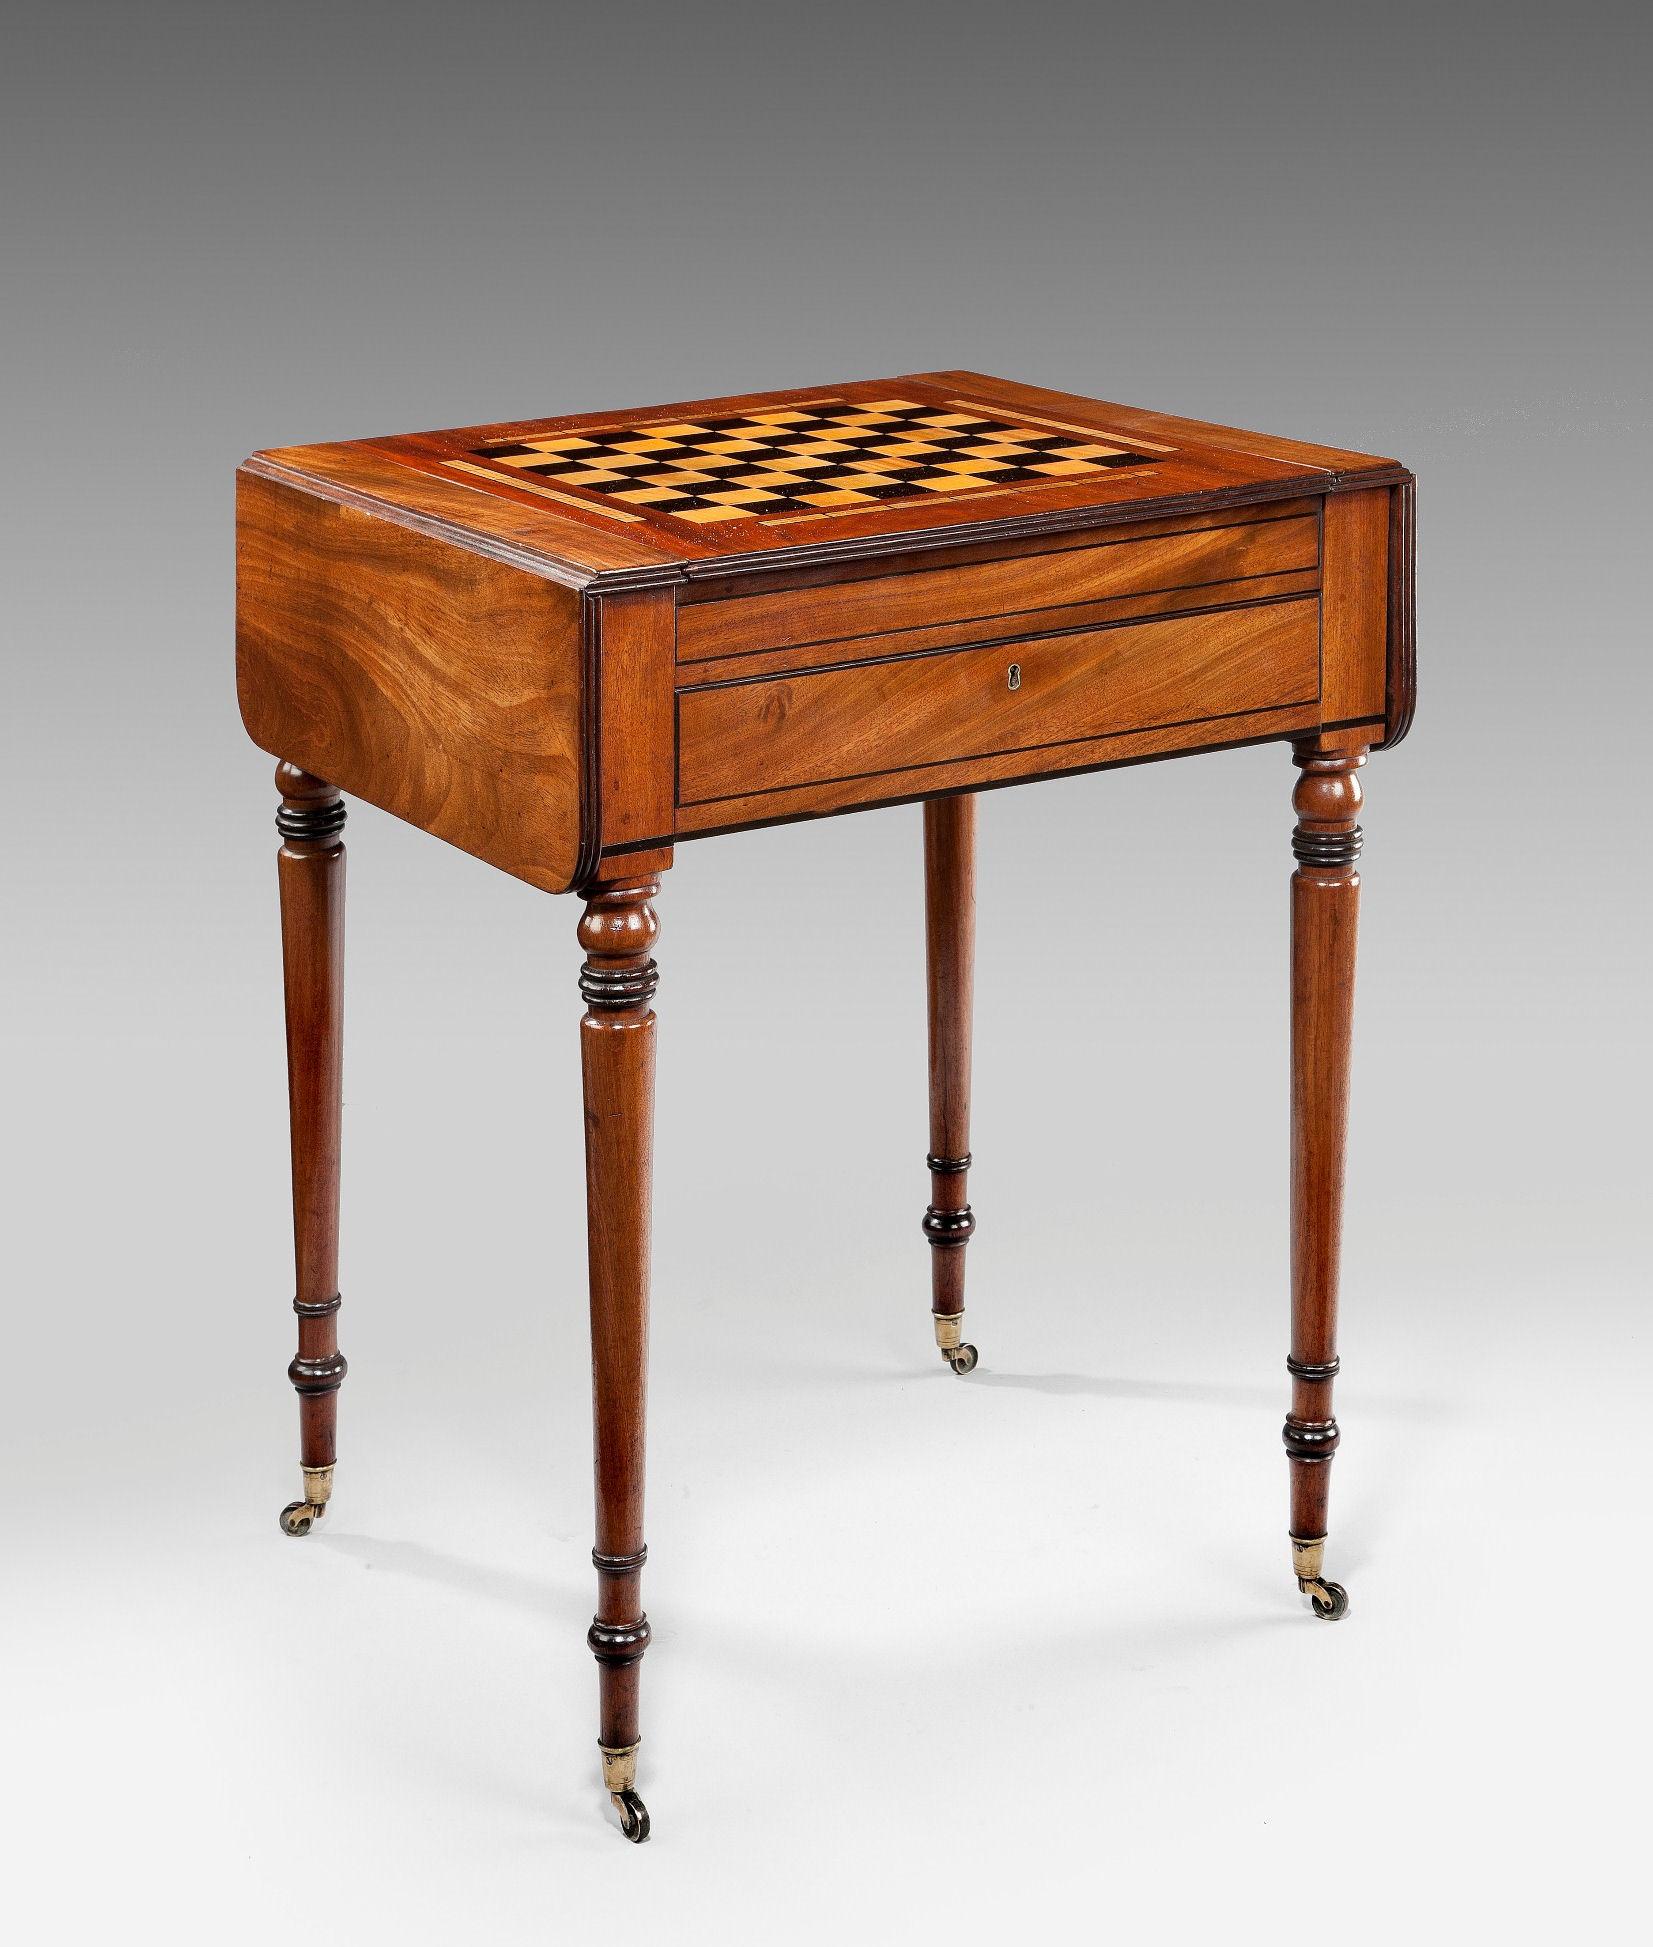 antique regency pembroke games chess backgammon table. Black Bedroom Furniture Sets. Home Design Ideas